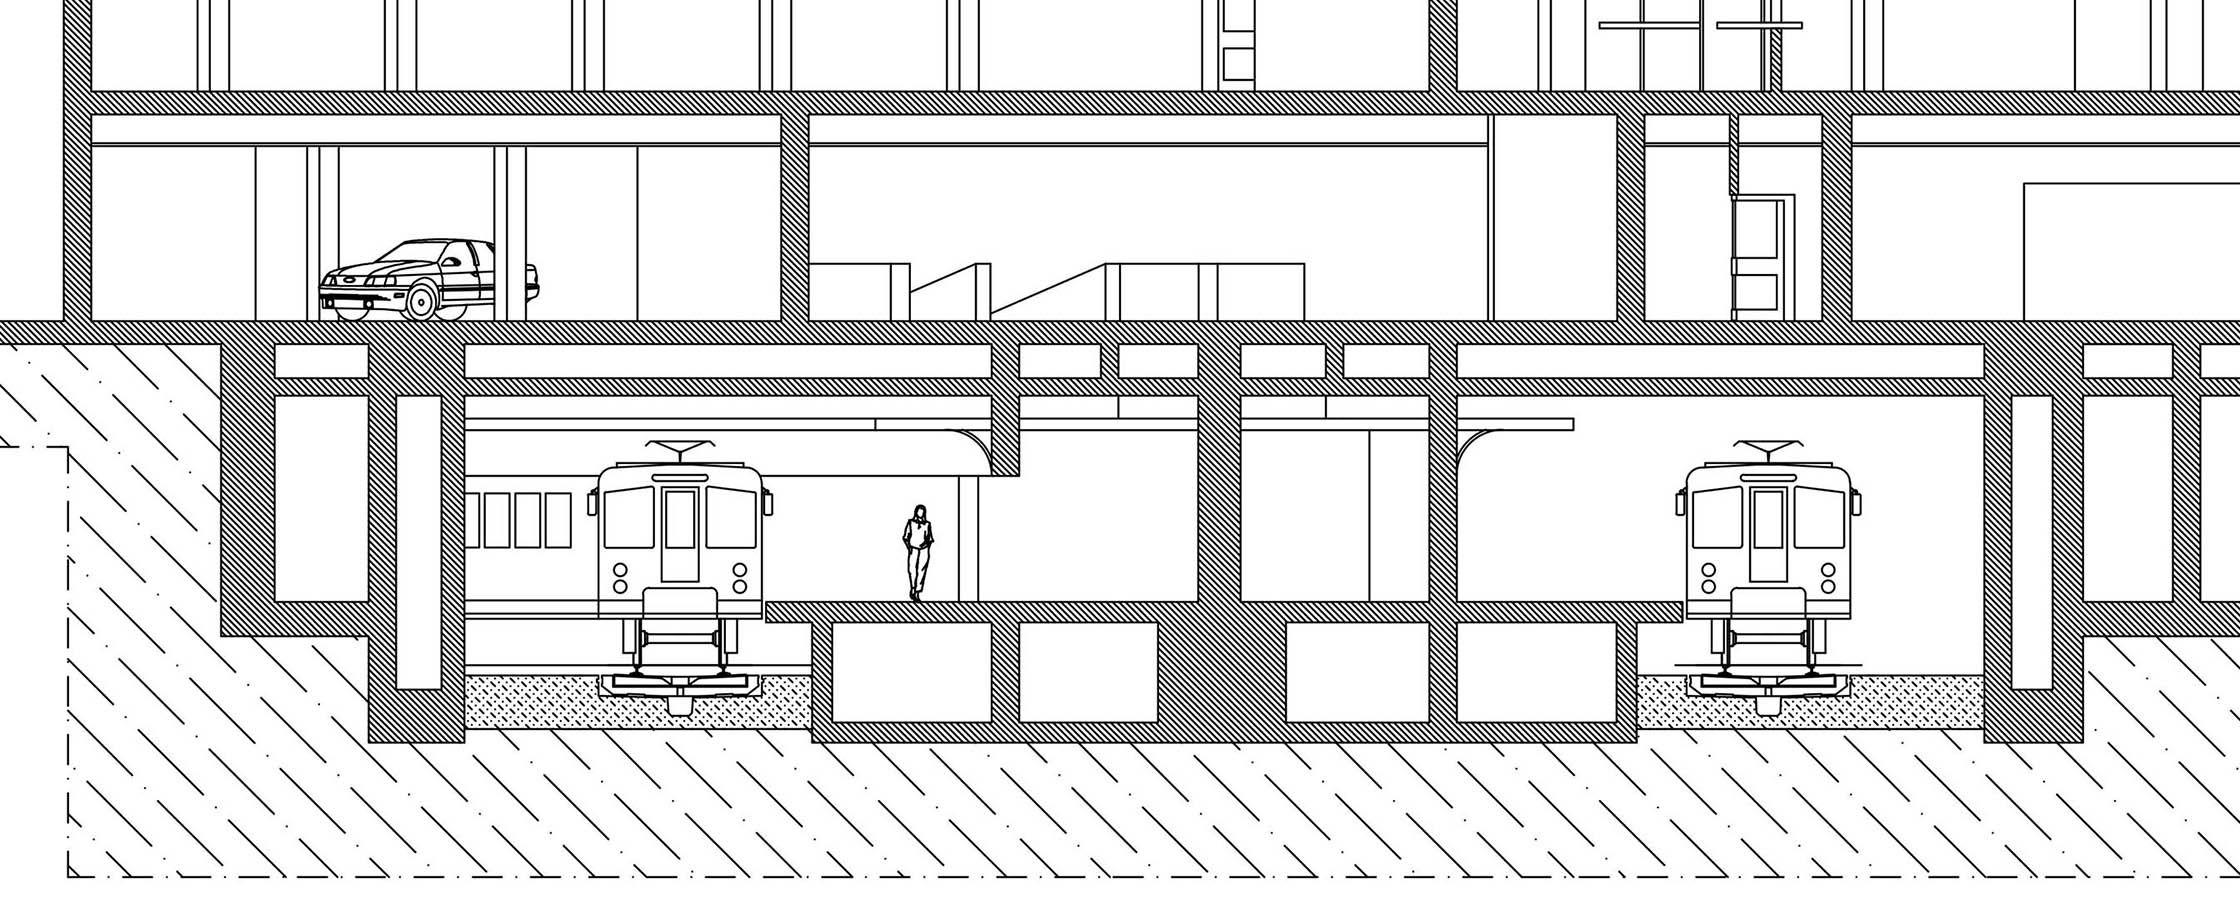 Metro Stasyonu Plan Ve Kesit